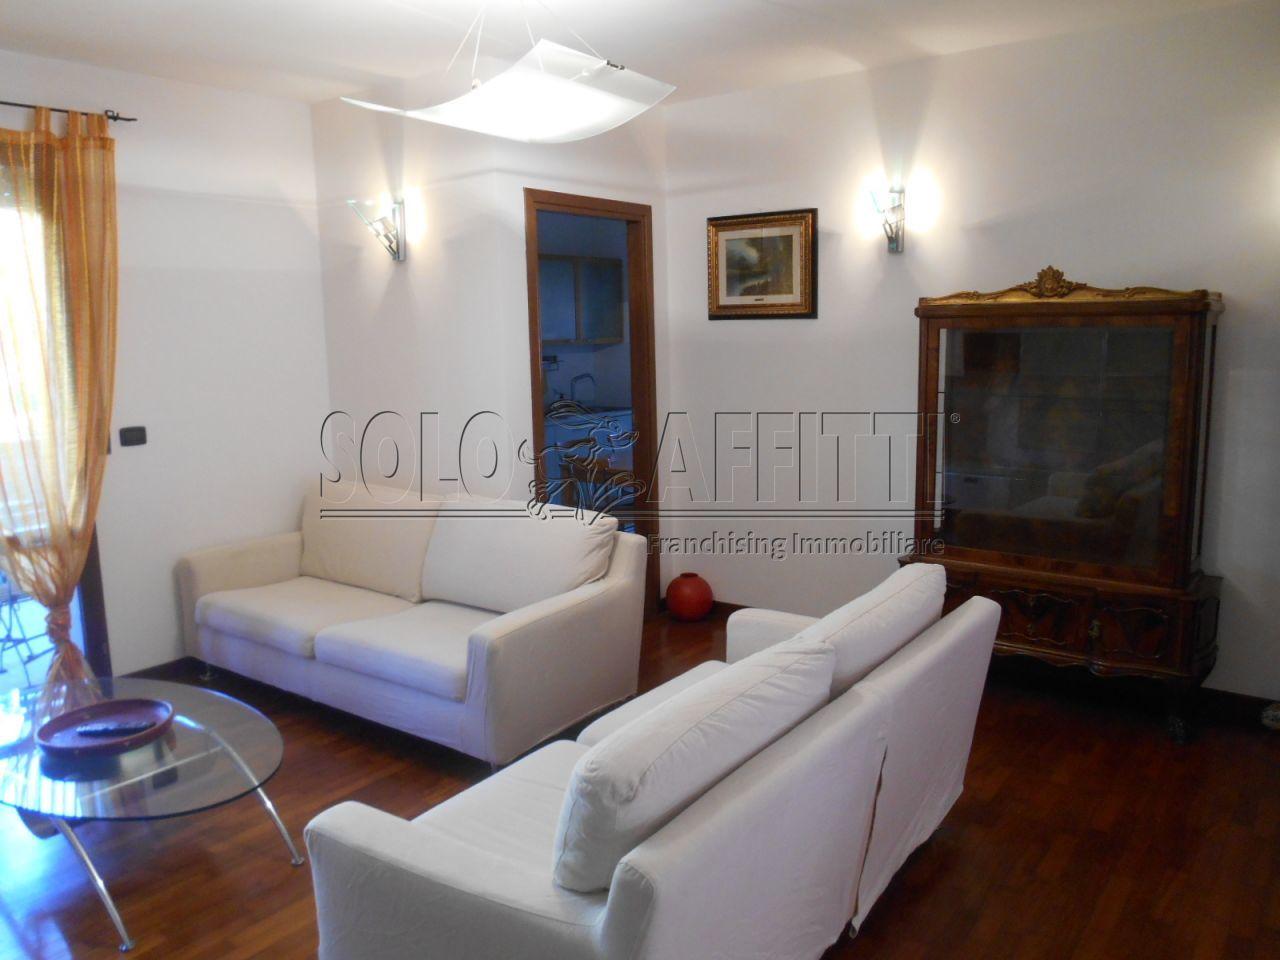 Ravenna1_appartamento